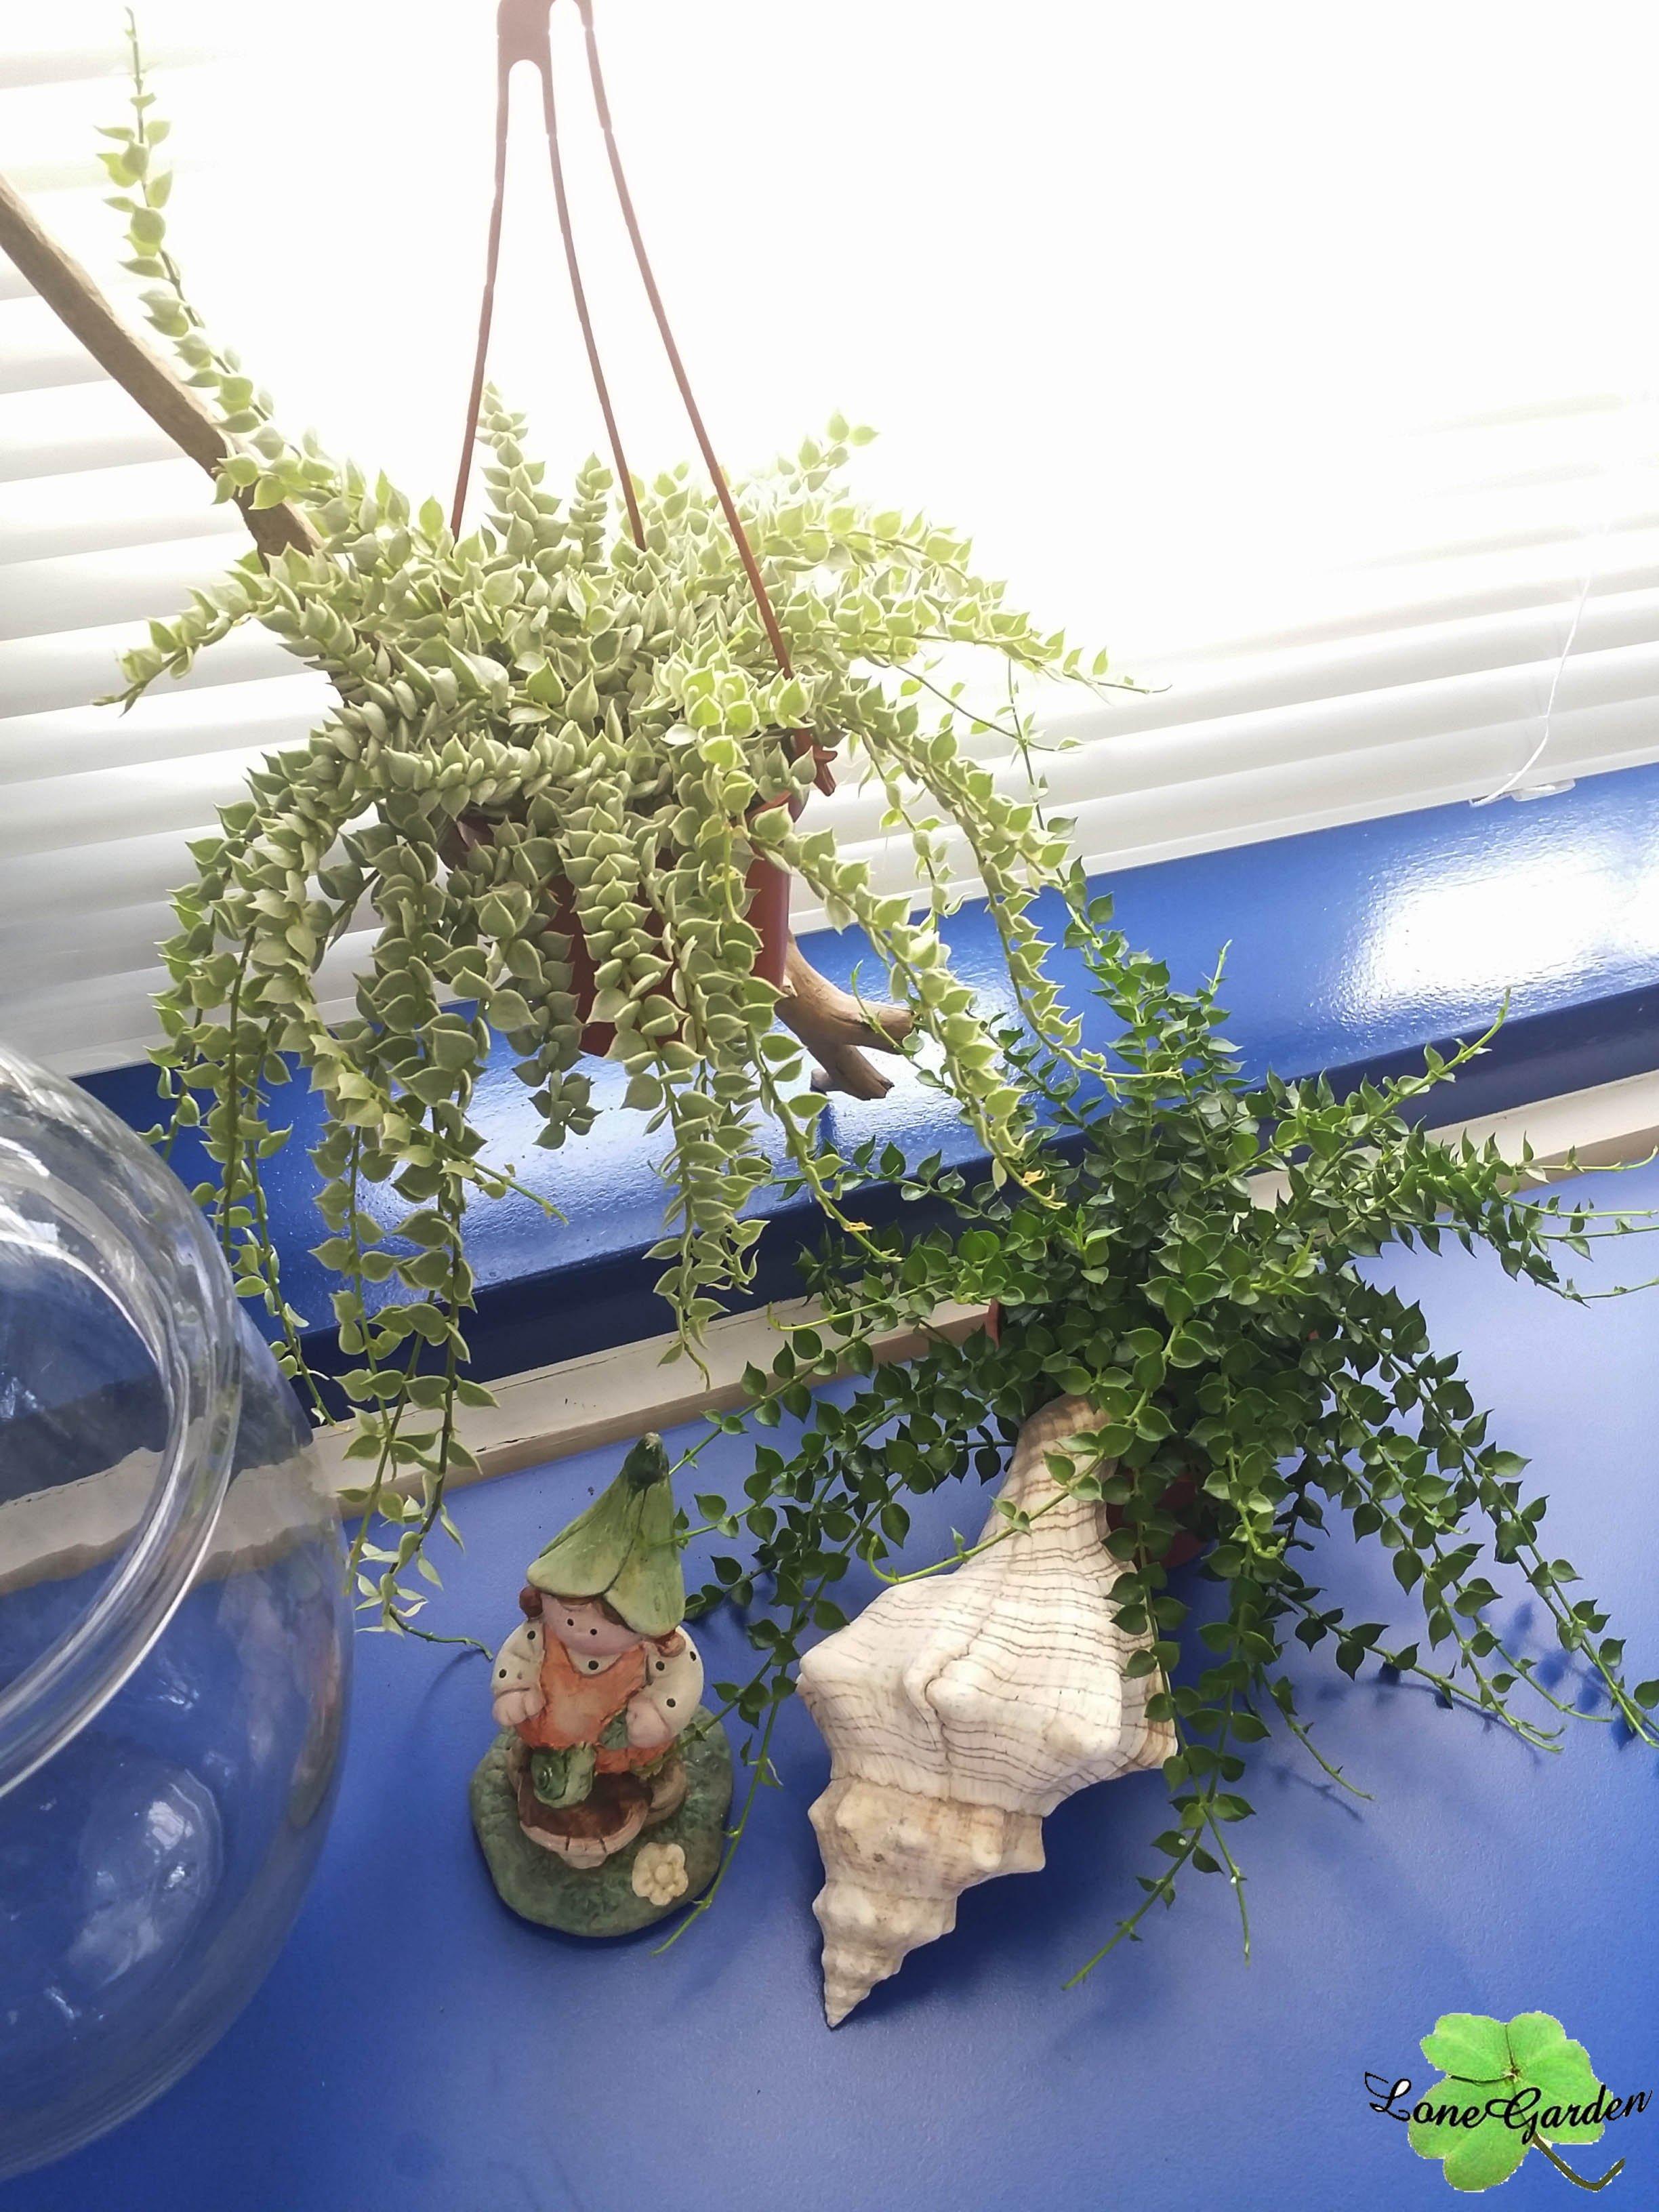 ~長榮~~【百萬心】3吋 觀葉植物 綠色簾幕瀑布 室內植物